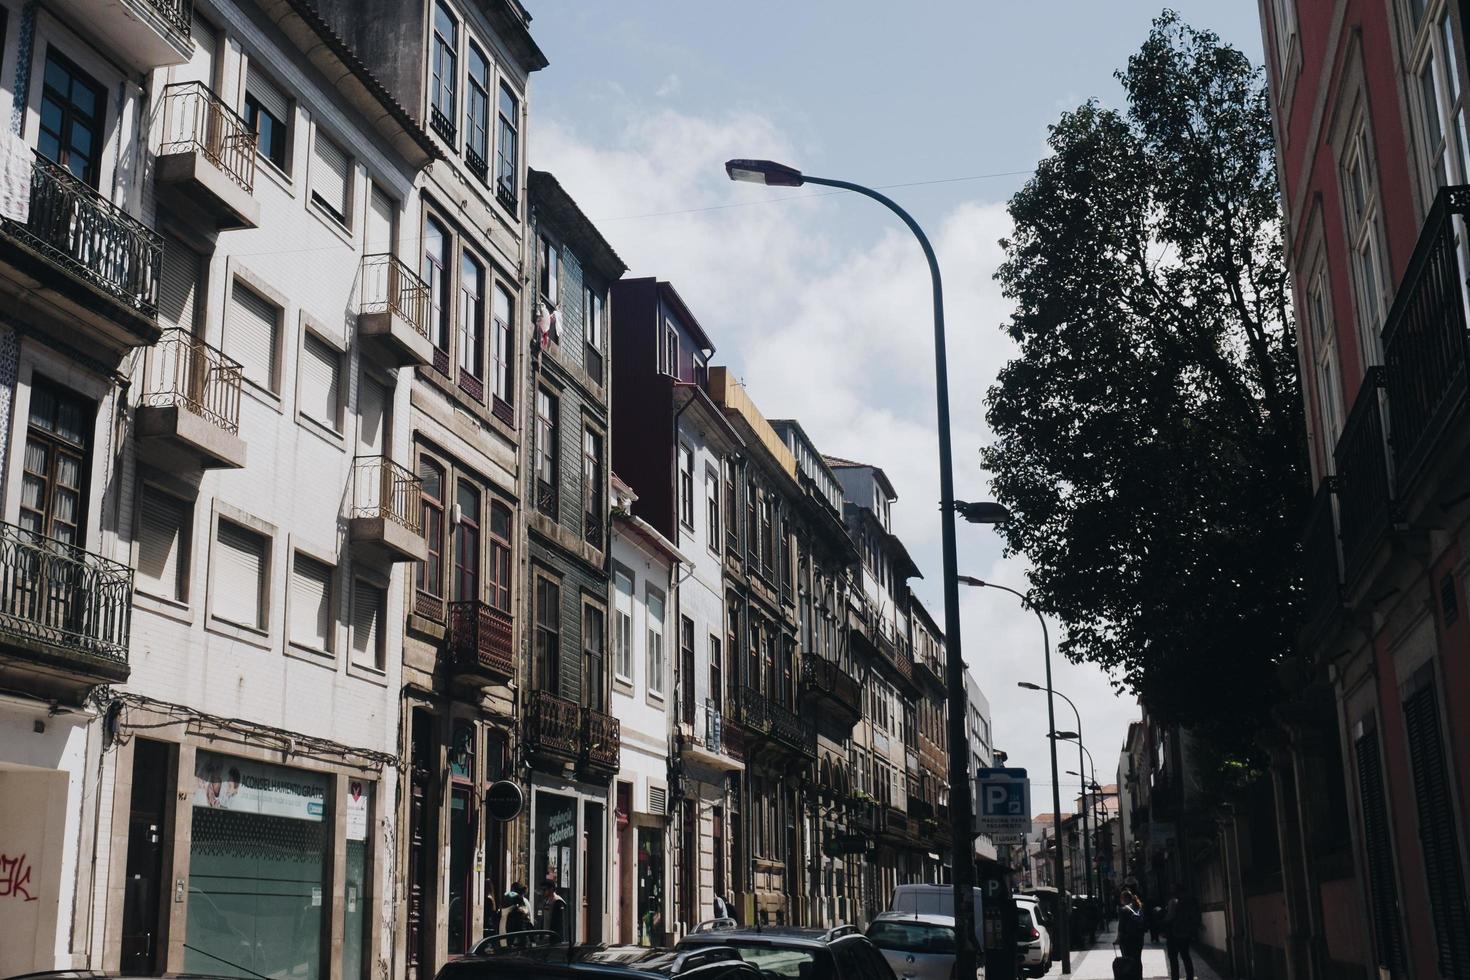 vista del paisaje urbano de la luz de la calle foto